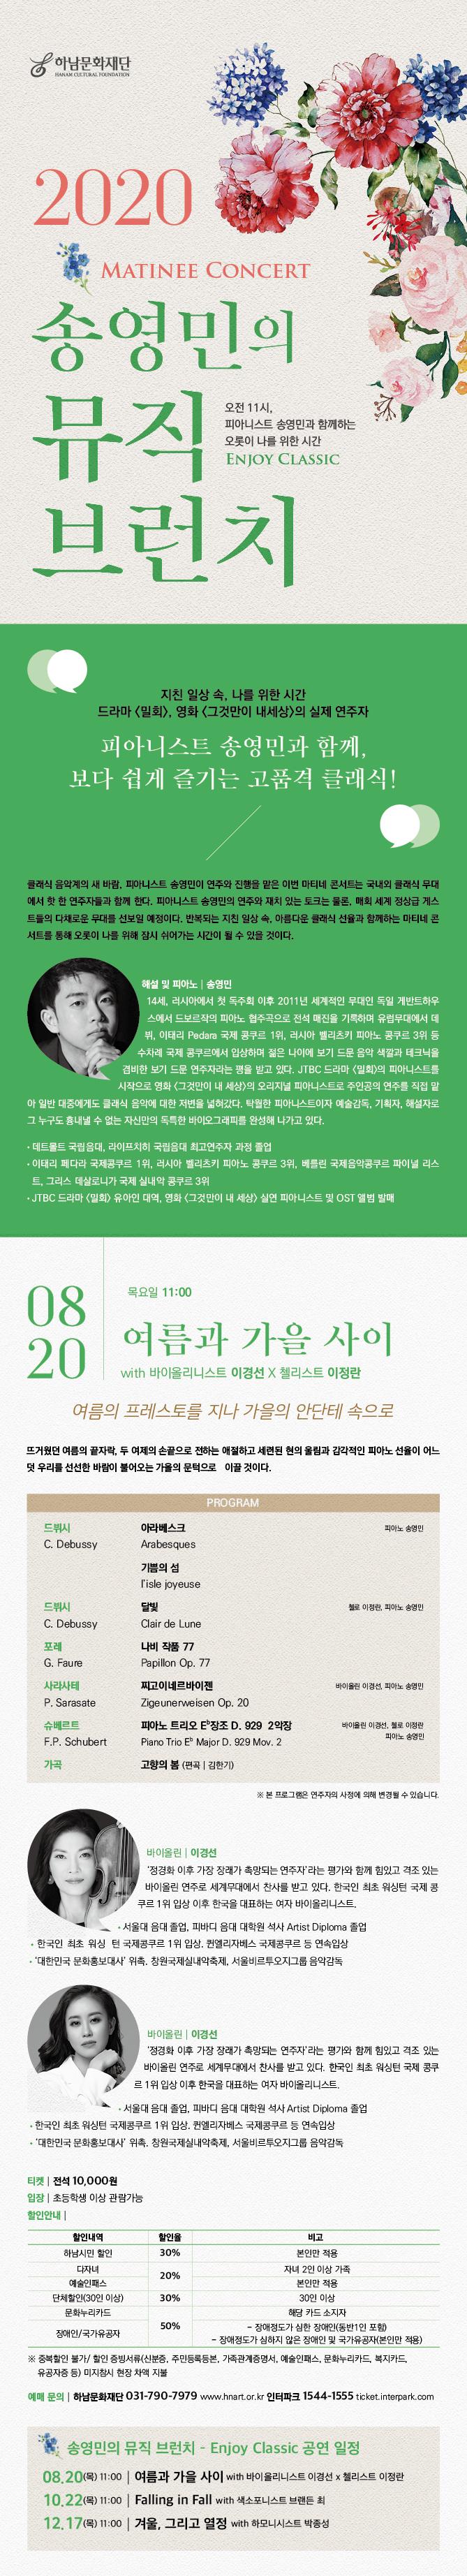 2020 마티네콘서트 <송영민의 뮤직브런치> 여름과 가을 사이 with 바이올리니스트 이경선X 첼리스트 이정란 상세 설명 2